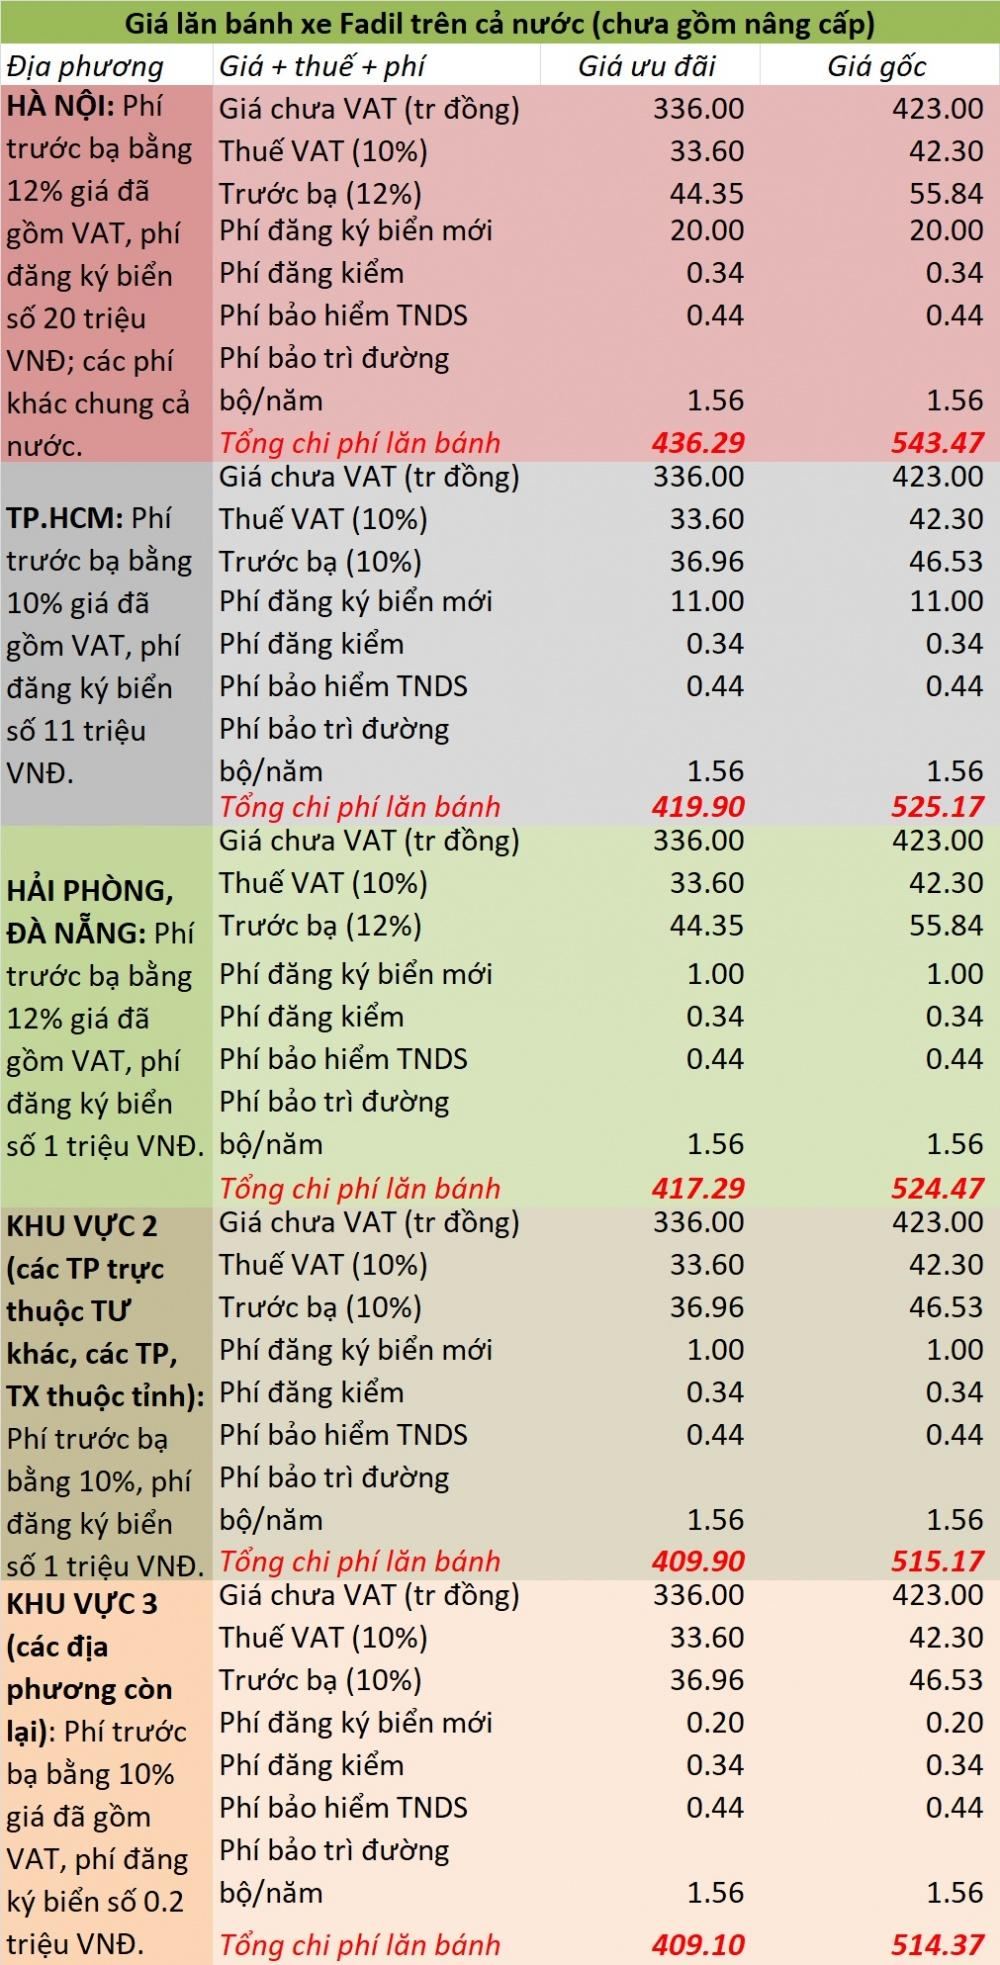 Bảng giá xe lăn bánh chính thức fadil